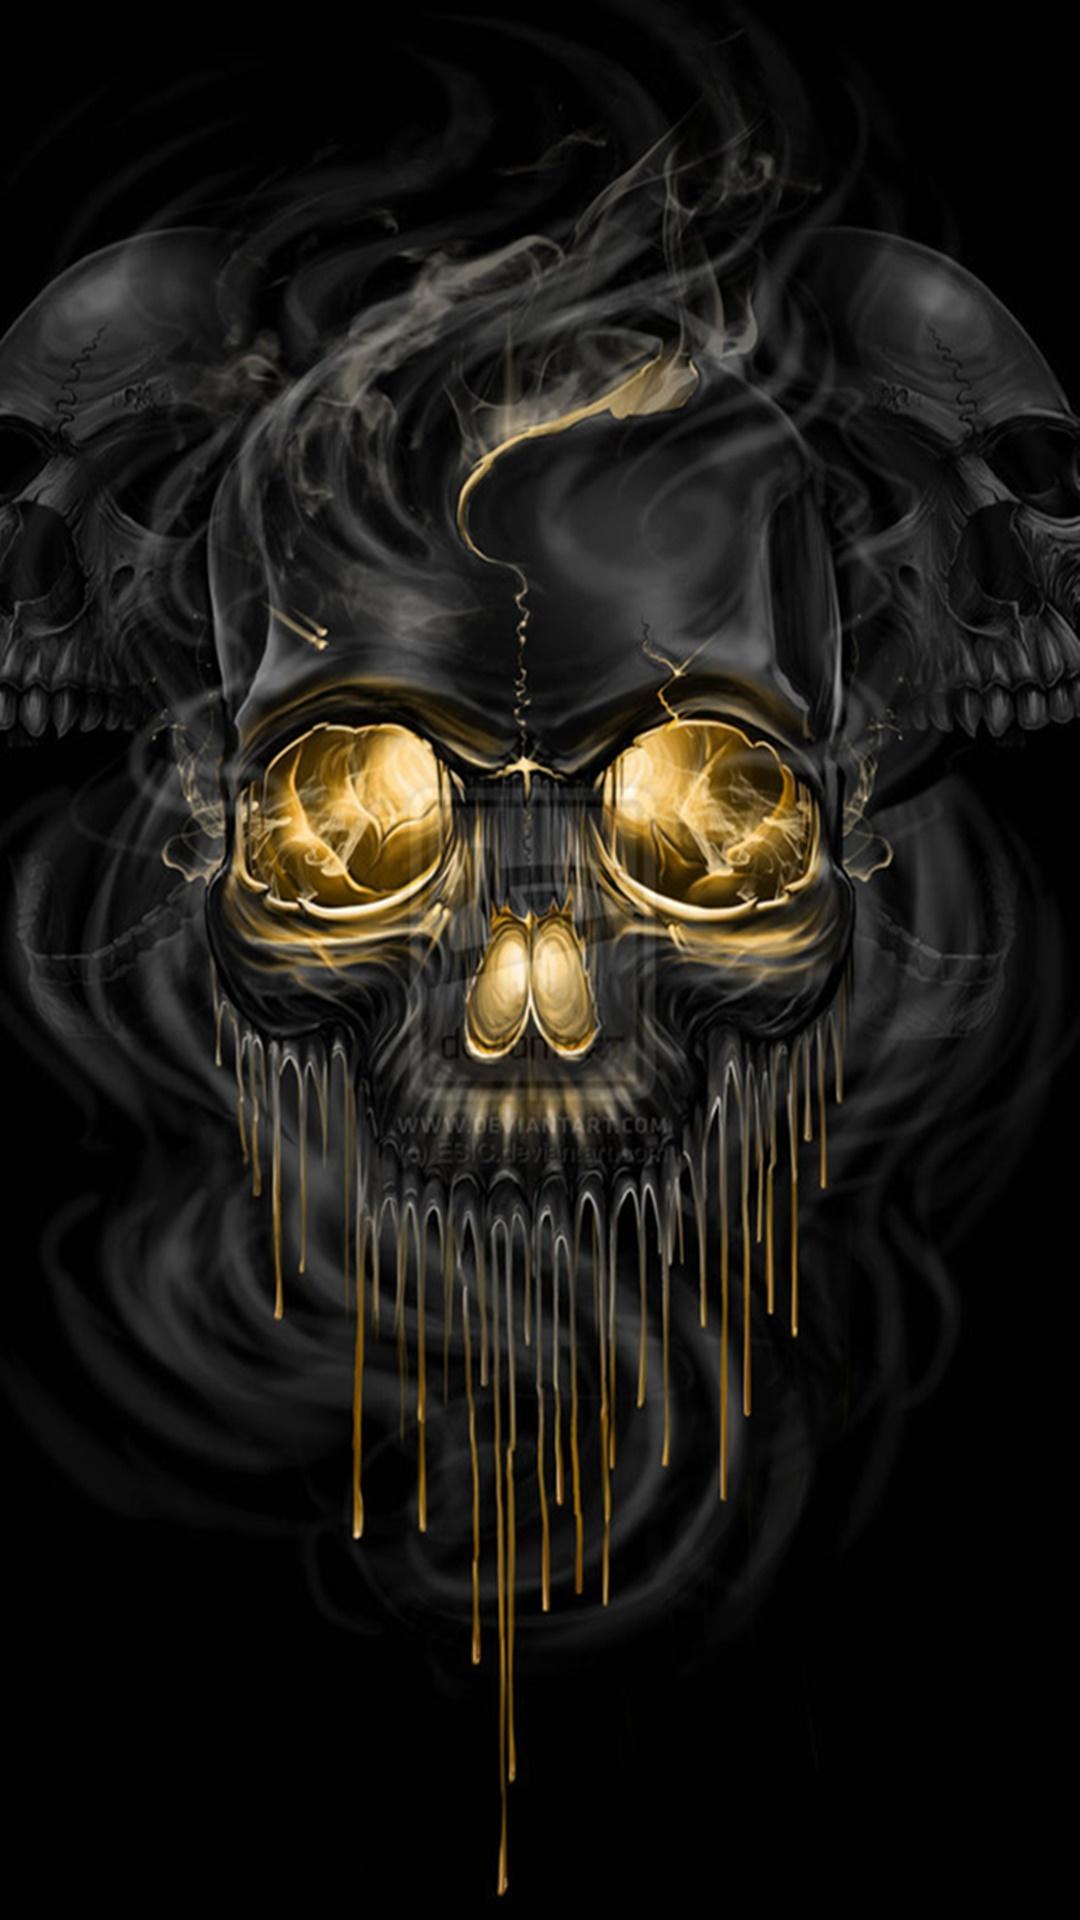 Halloween 2014 wallpaper pentru iphone 6 si iphone 6 - Skull wallpaper iphone 6 ...